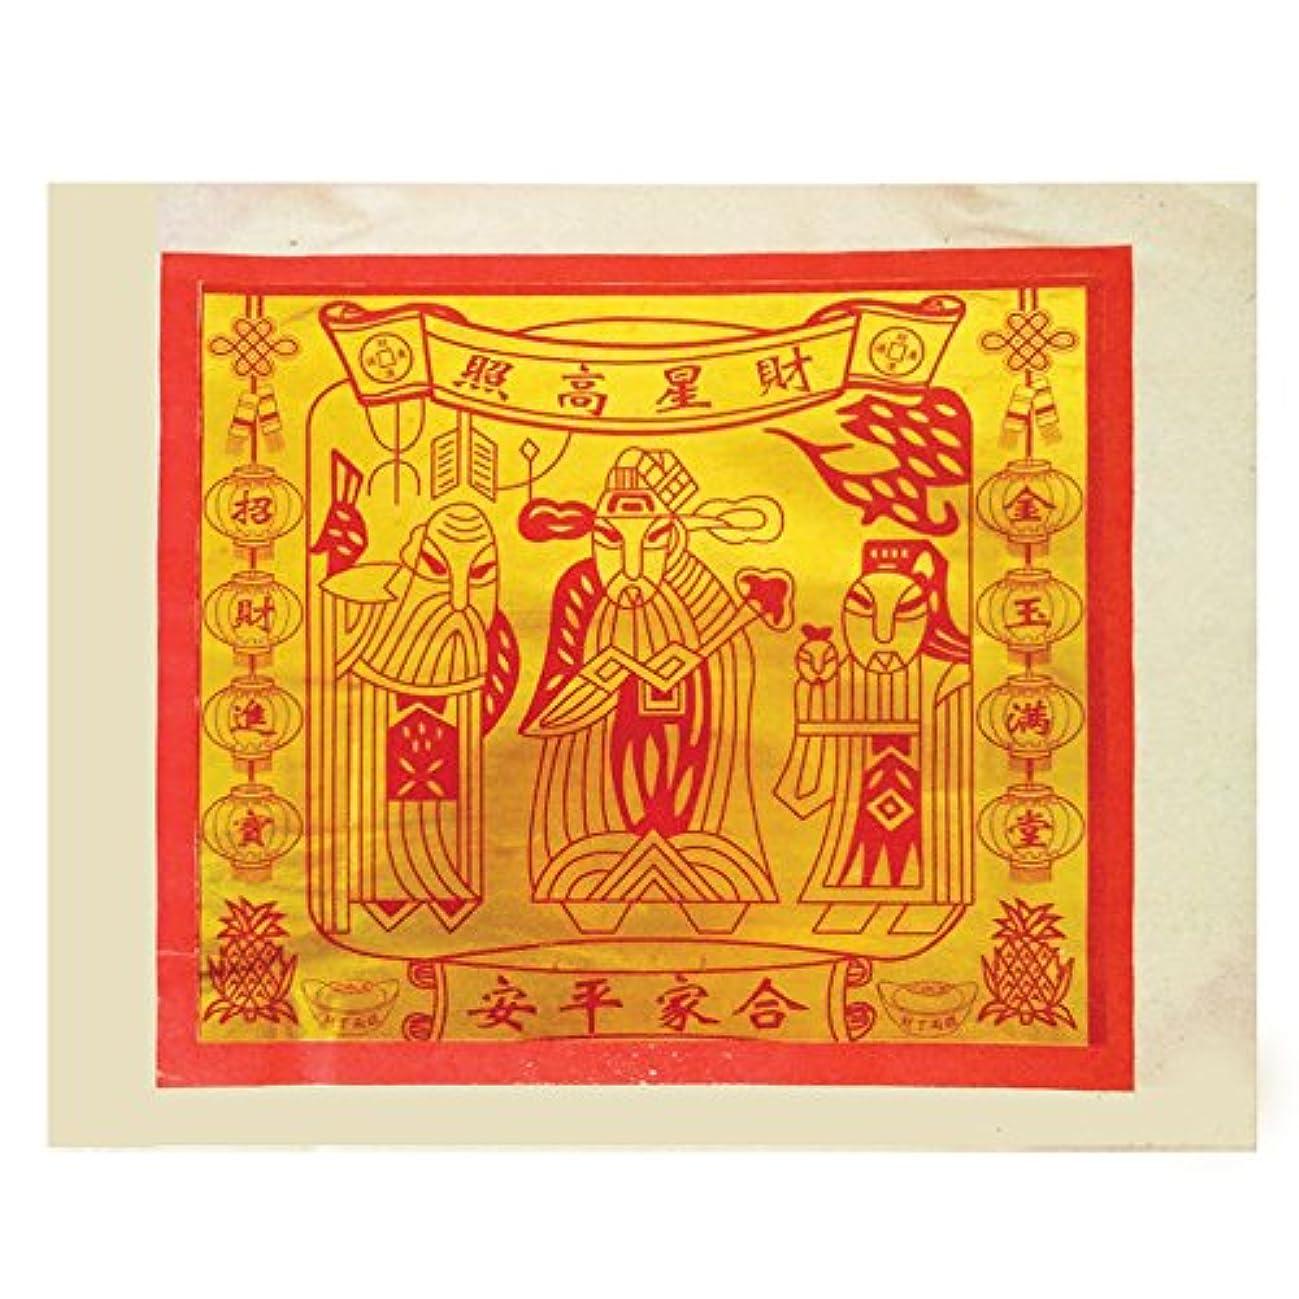 受信チャンバー獣100個Incense用紙/ Joss用紙with High Gradeゴールド箔サイズL15.75インチx 13.25インチ